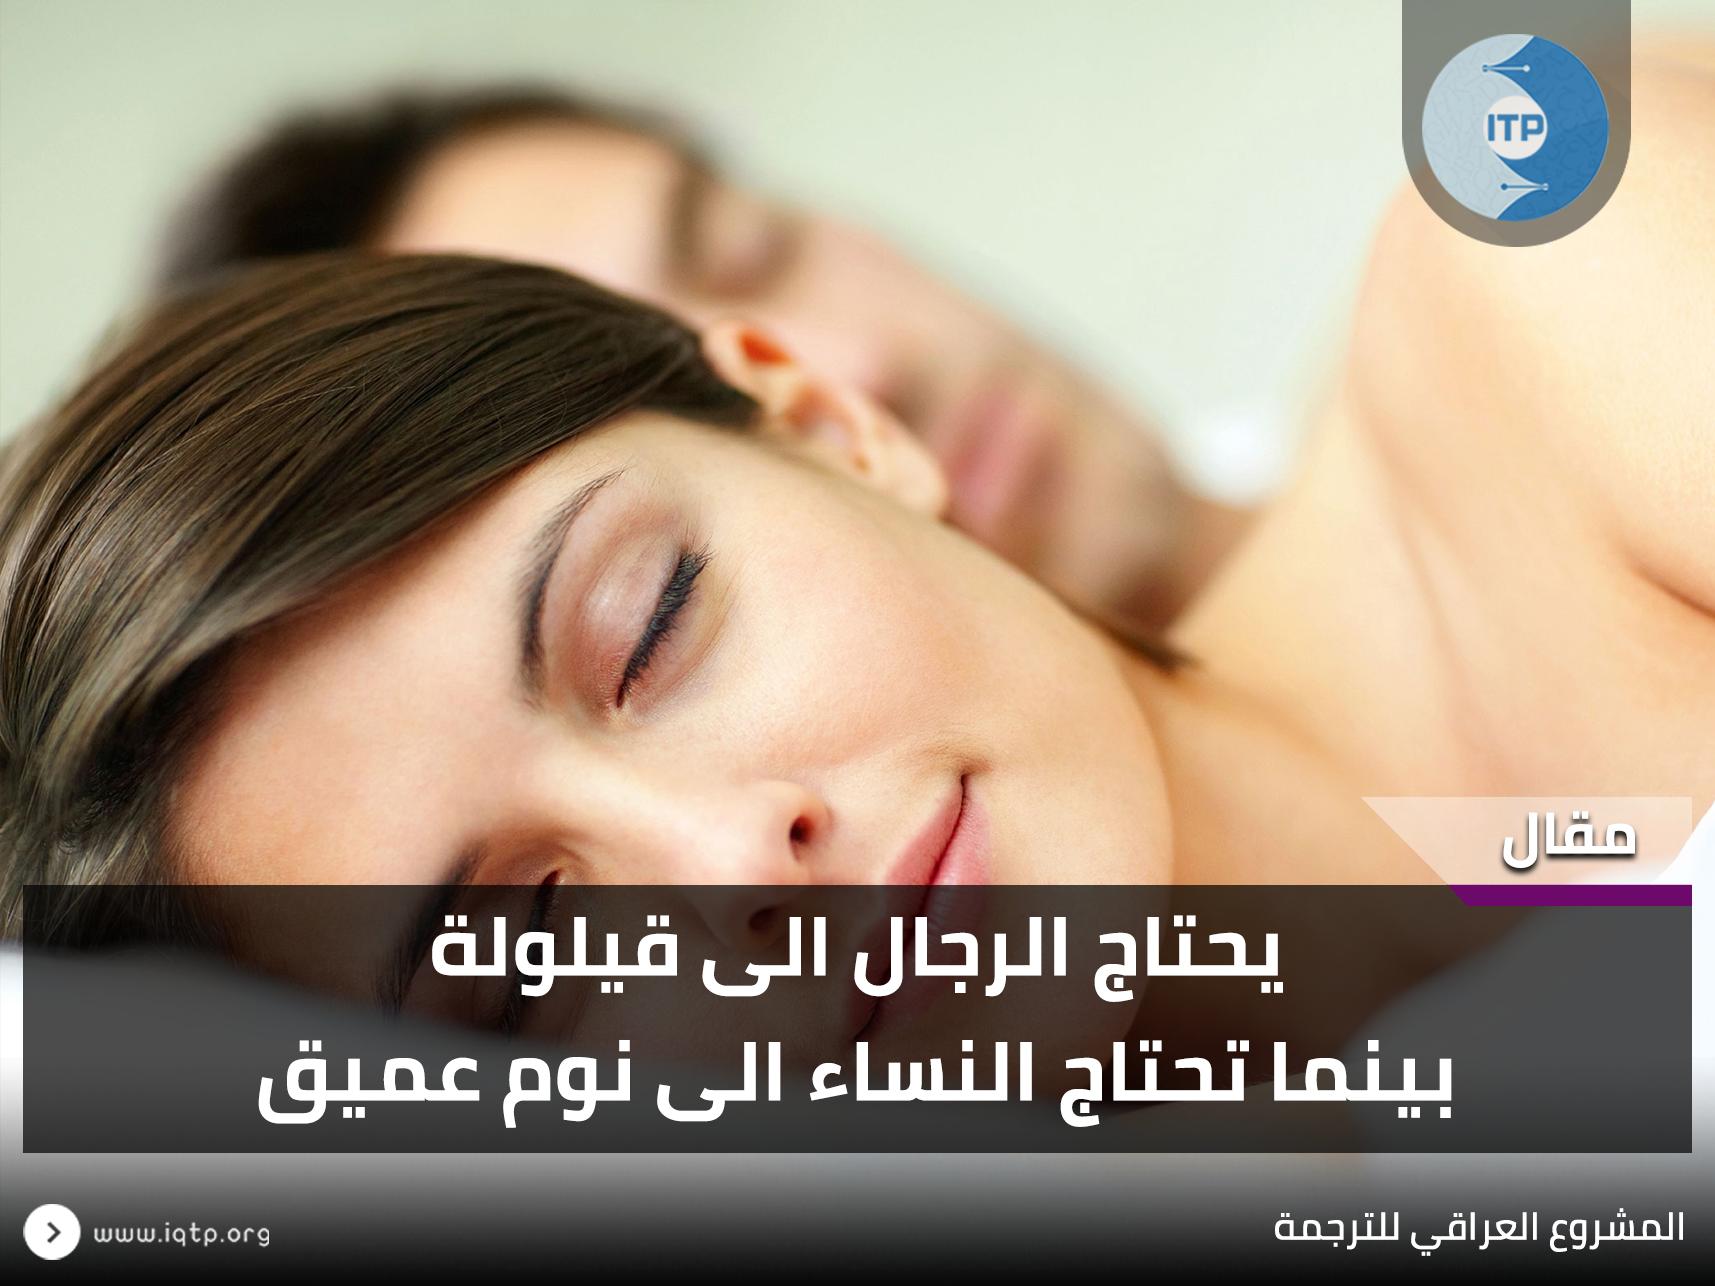 يحتاج الرجال الى قيلولة بينما تحتاج النساء الى نوم عميق